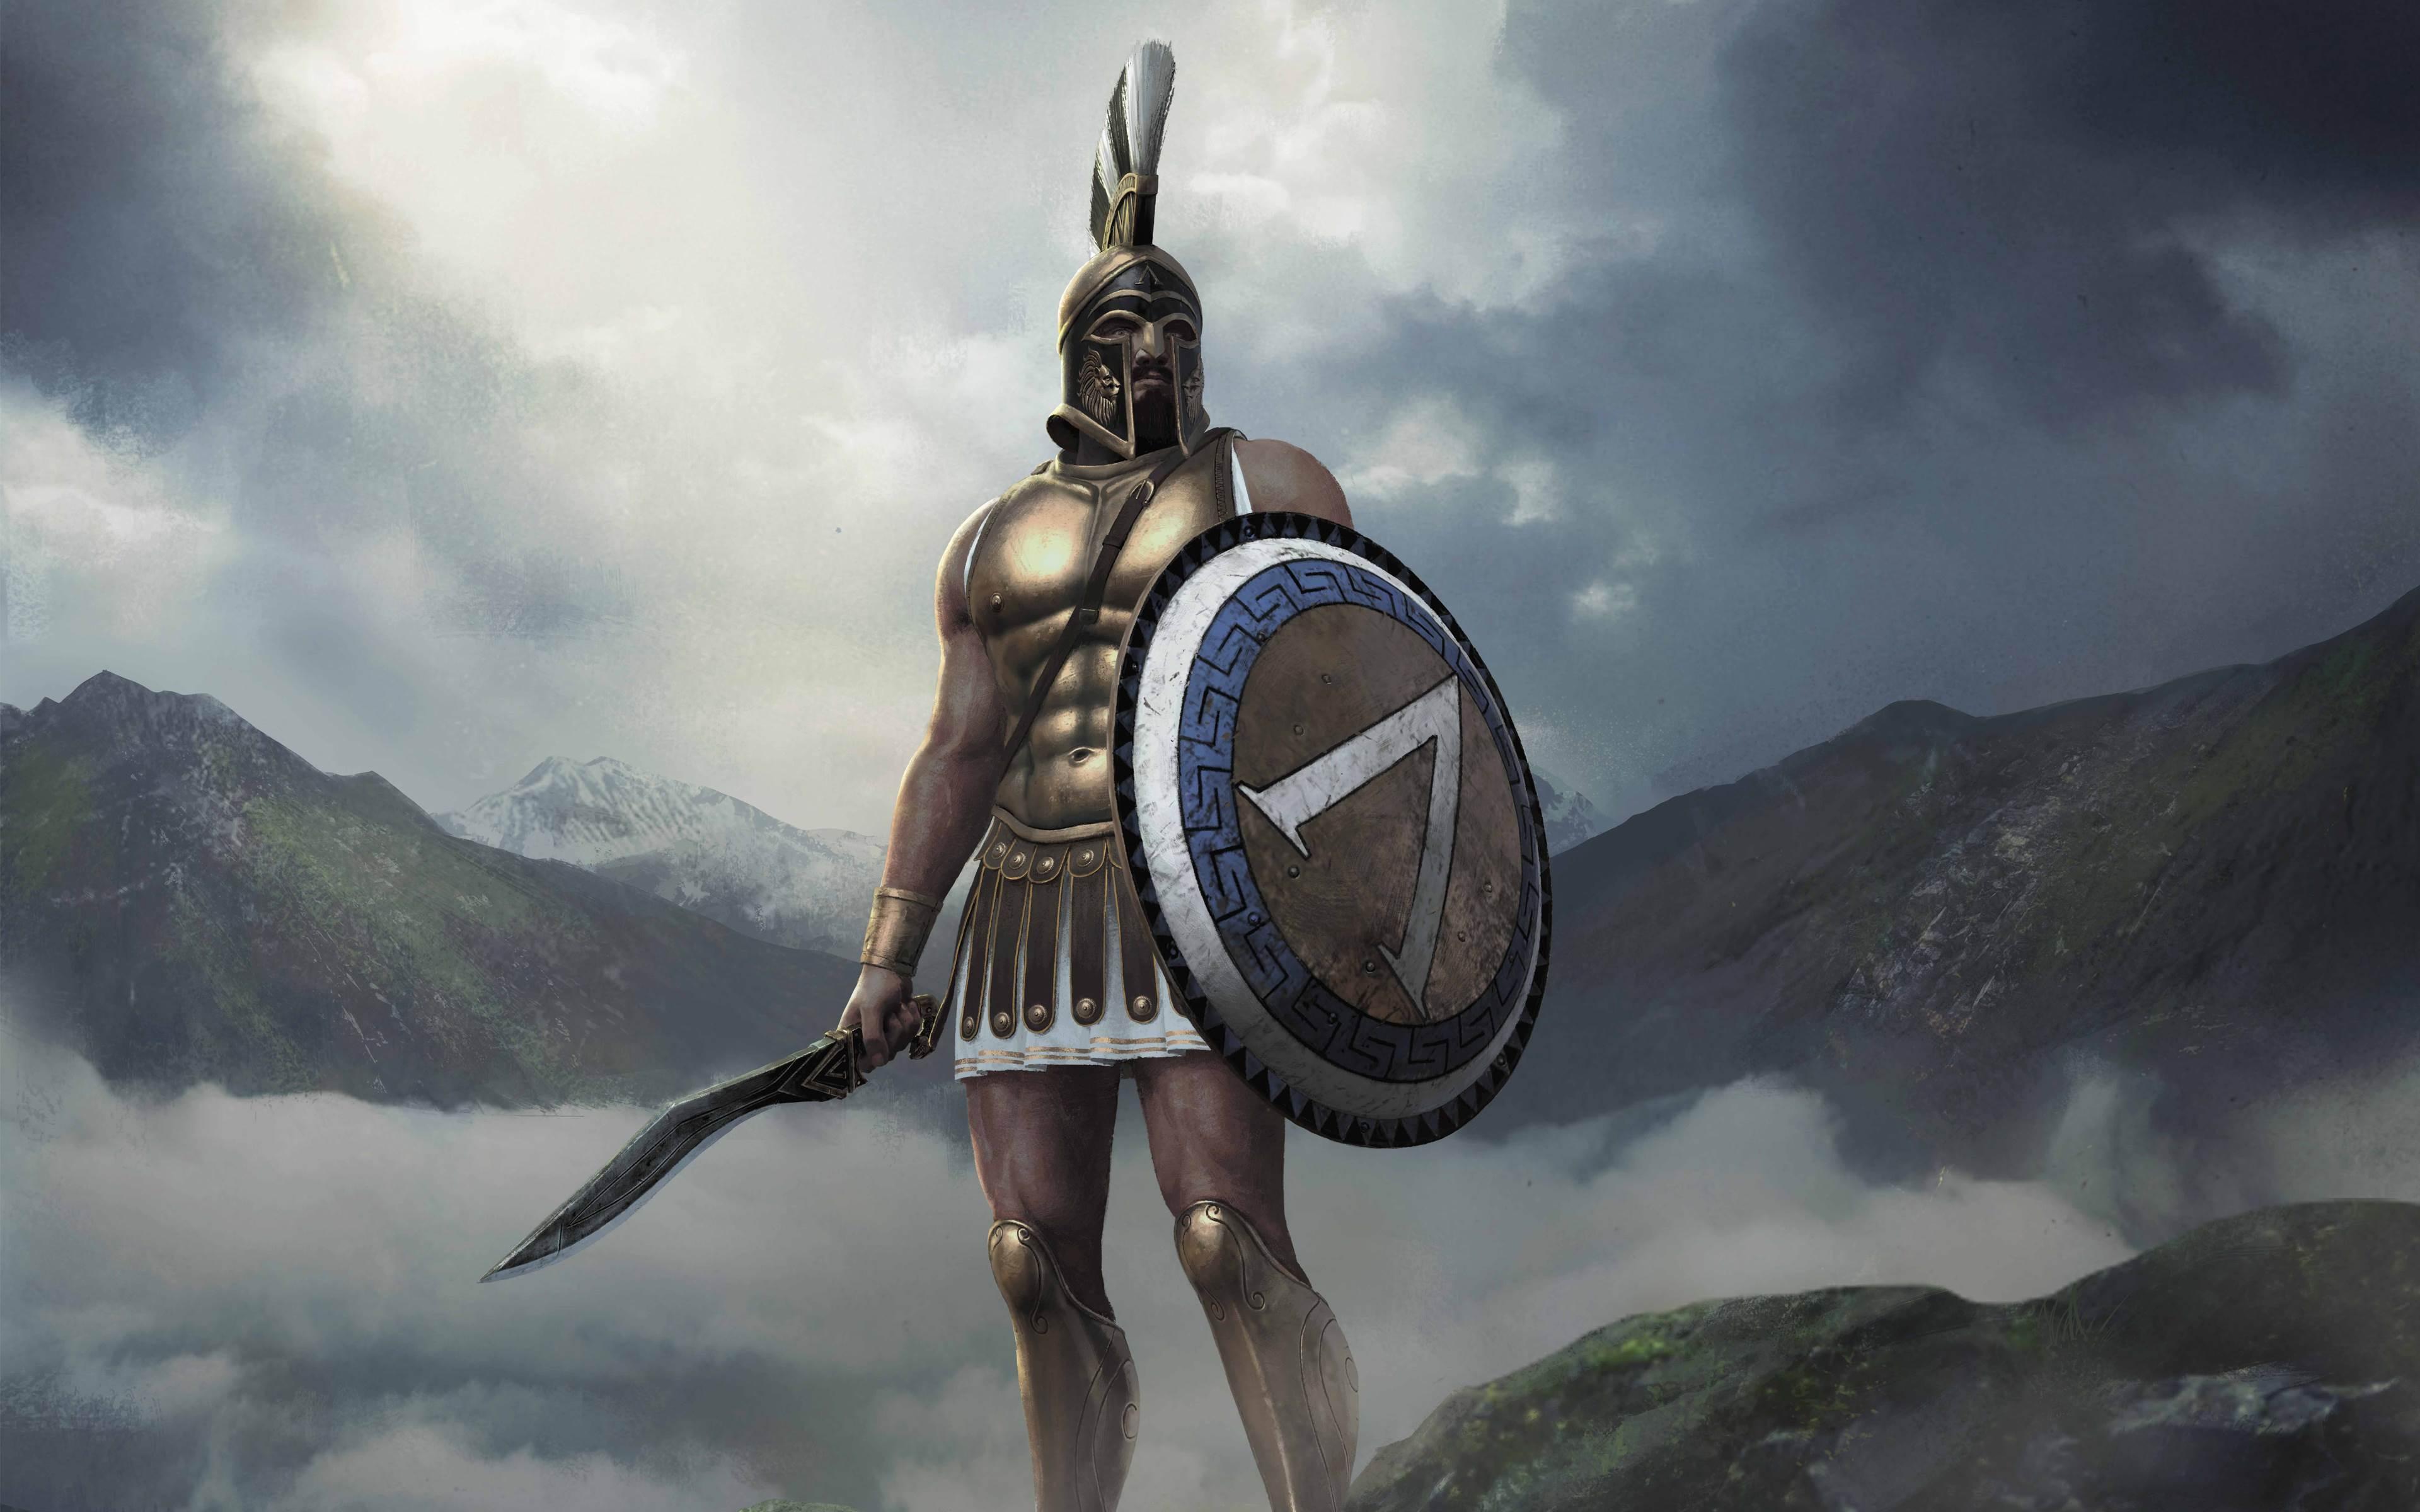 King Leonidas Total War: Arena Wallpaper